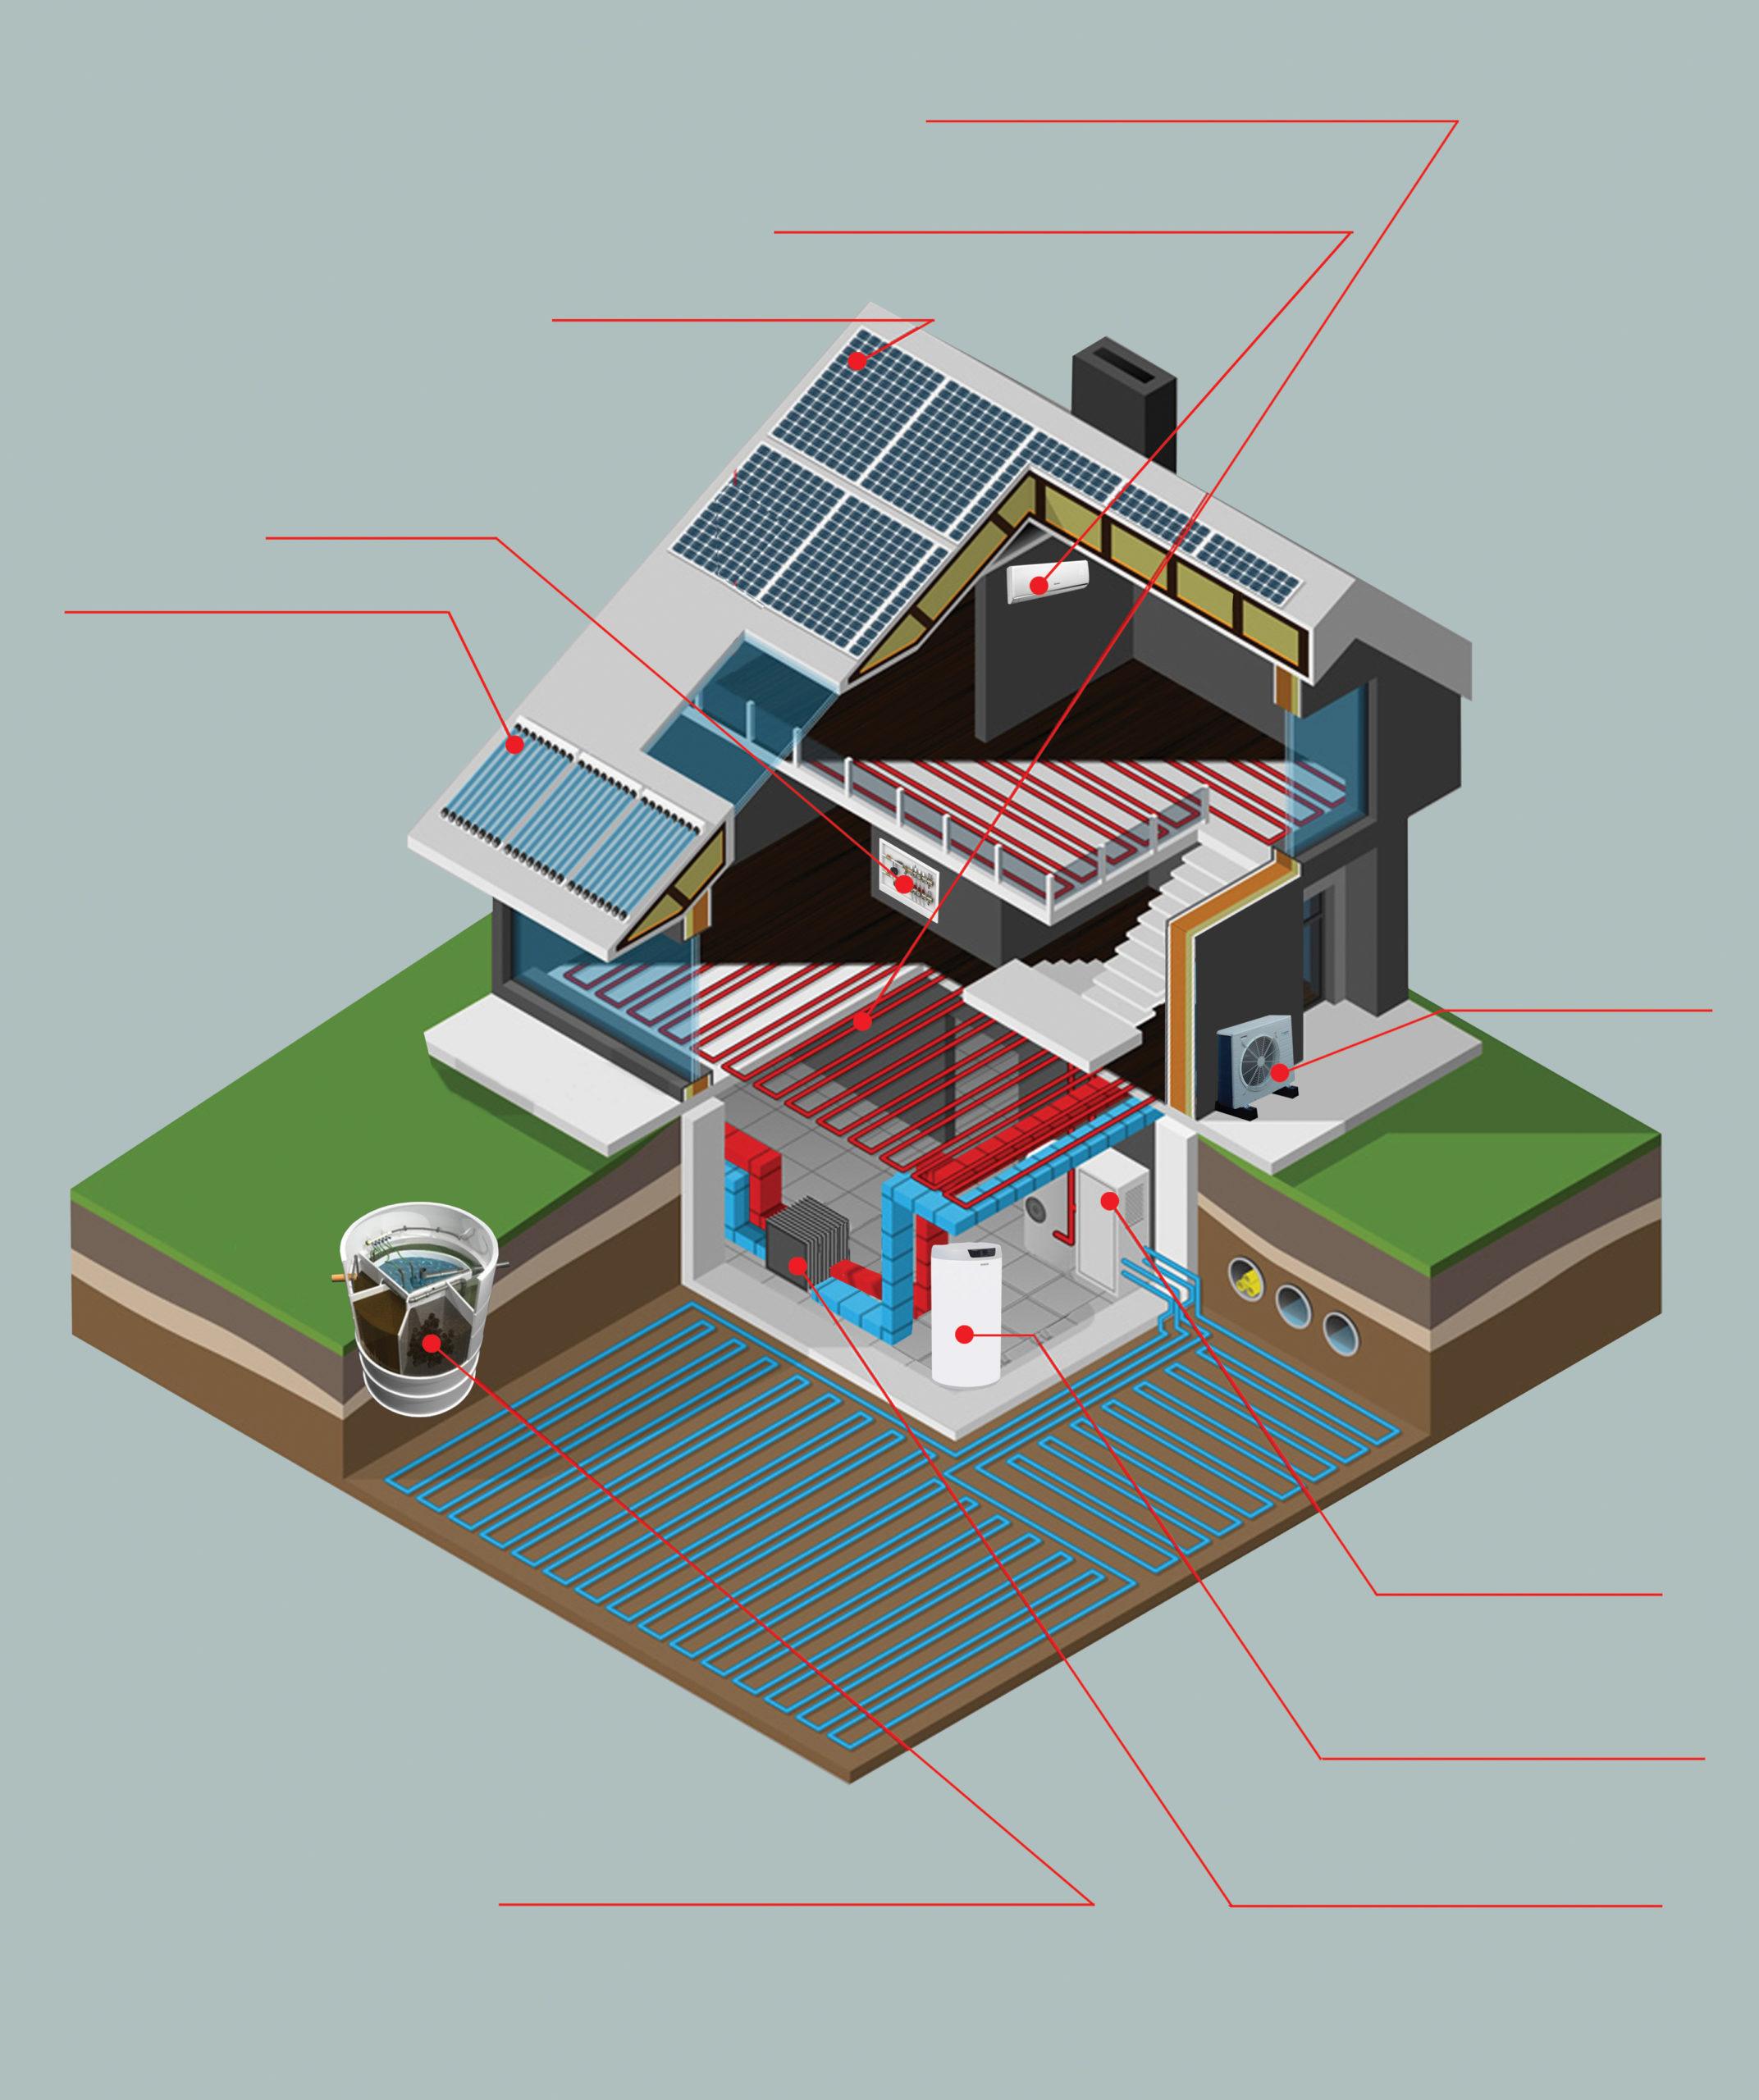 Interactive main image